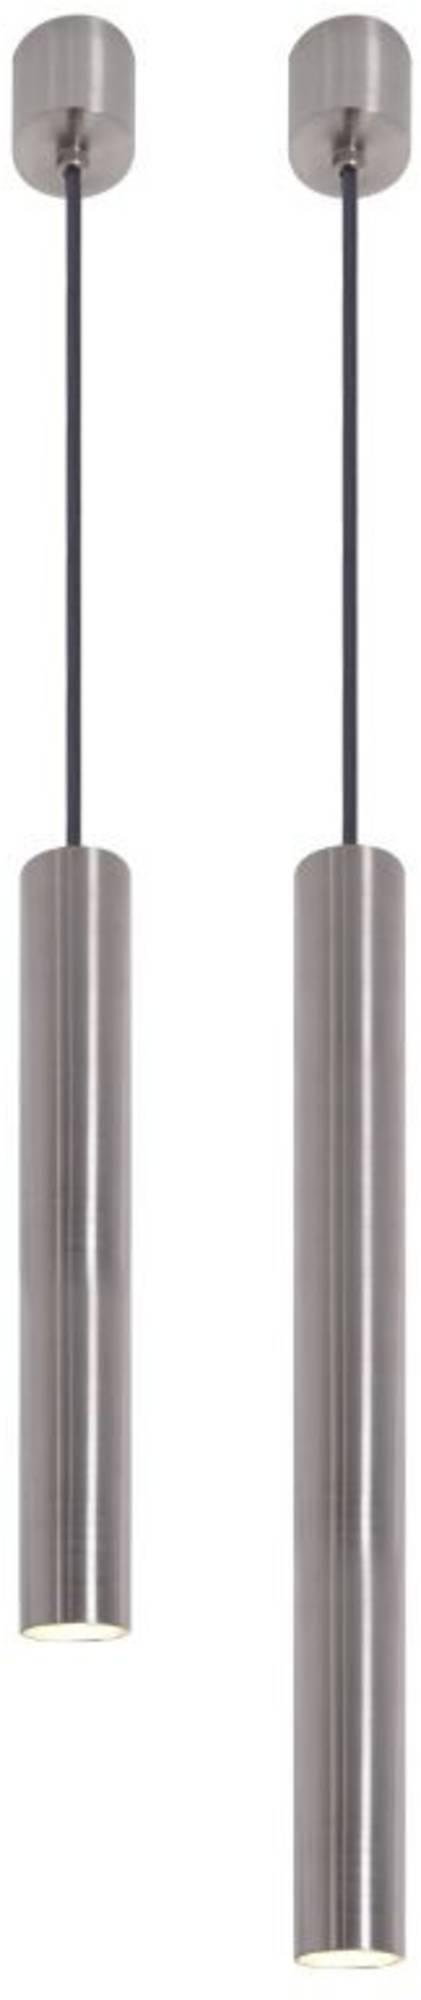 Looox Light Collection 2 badkamer hanglampen 25 en 40 cm rvs geborsteld